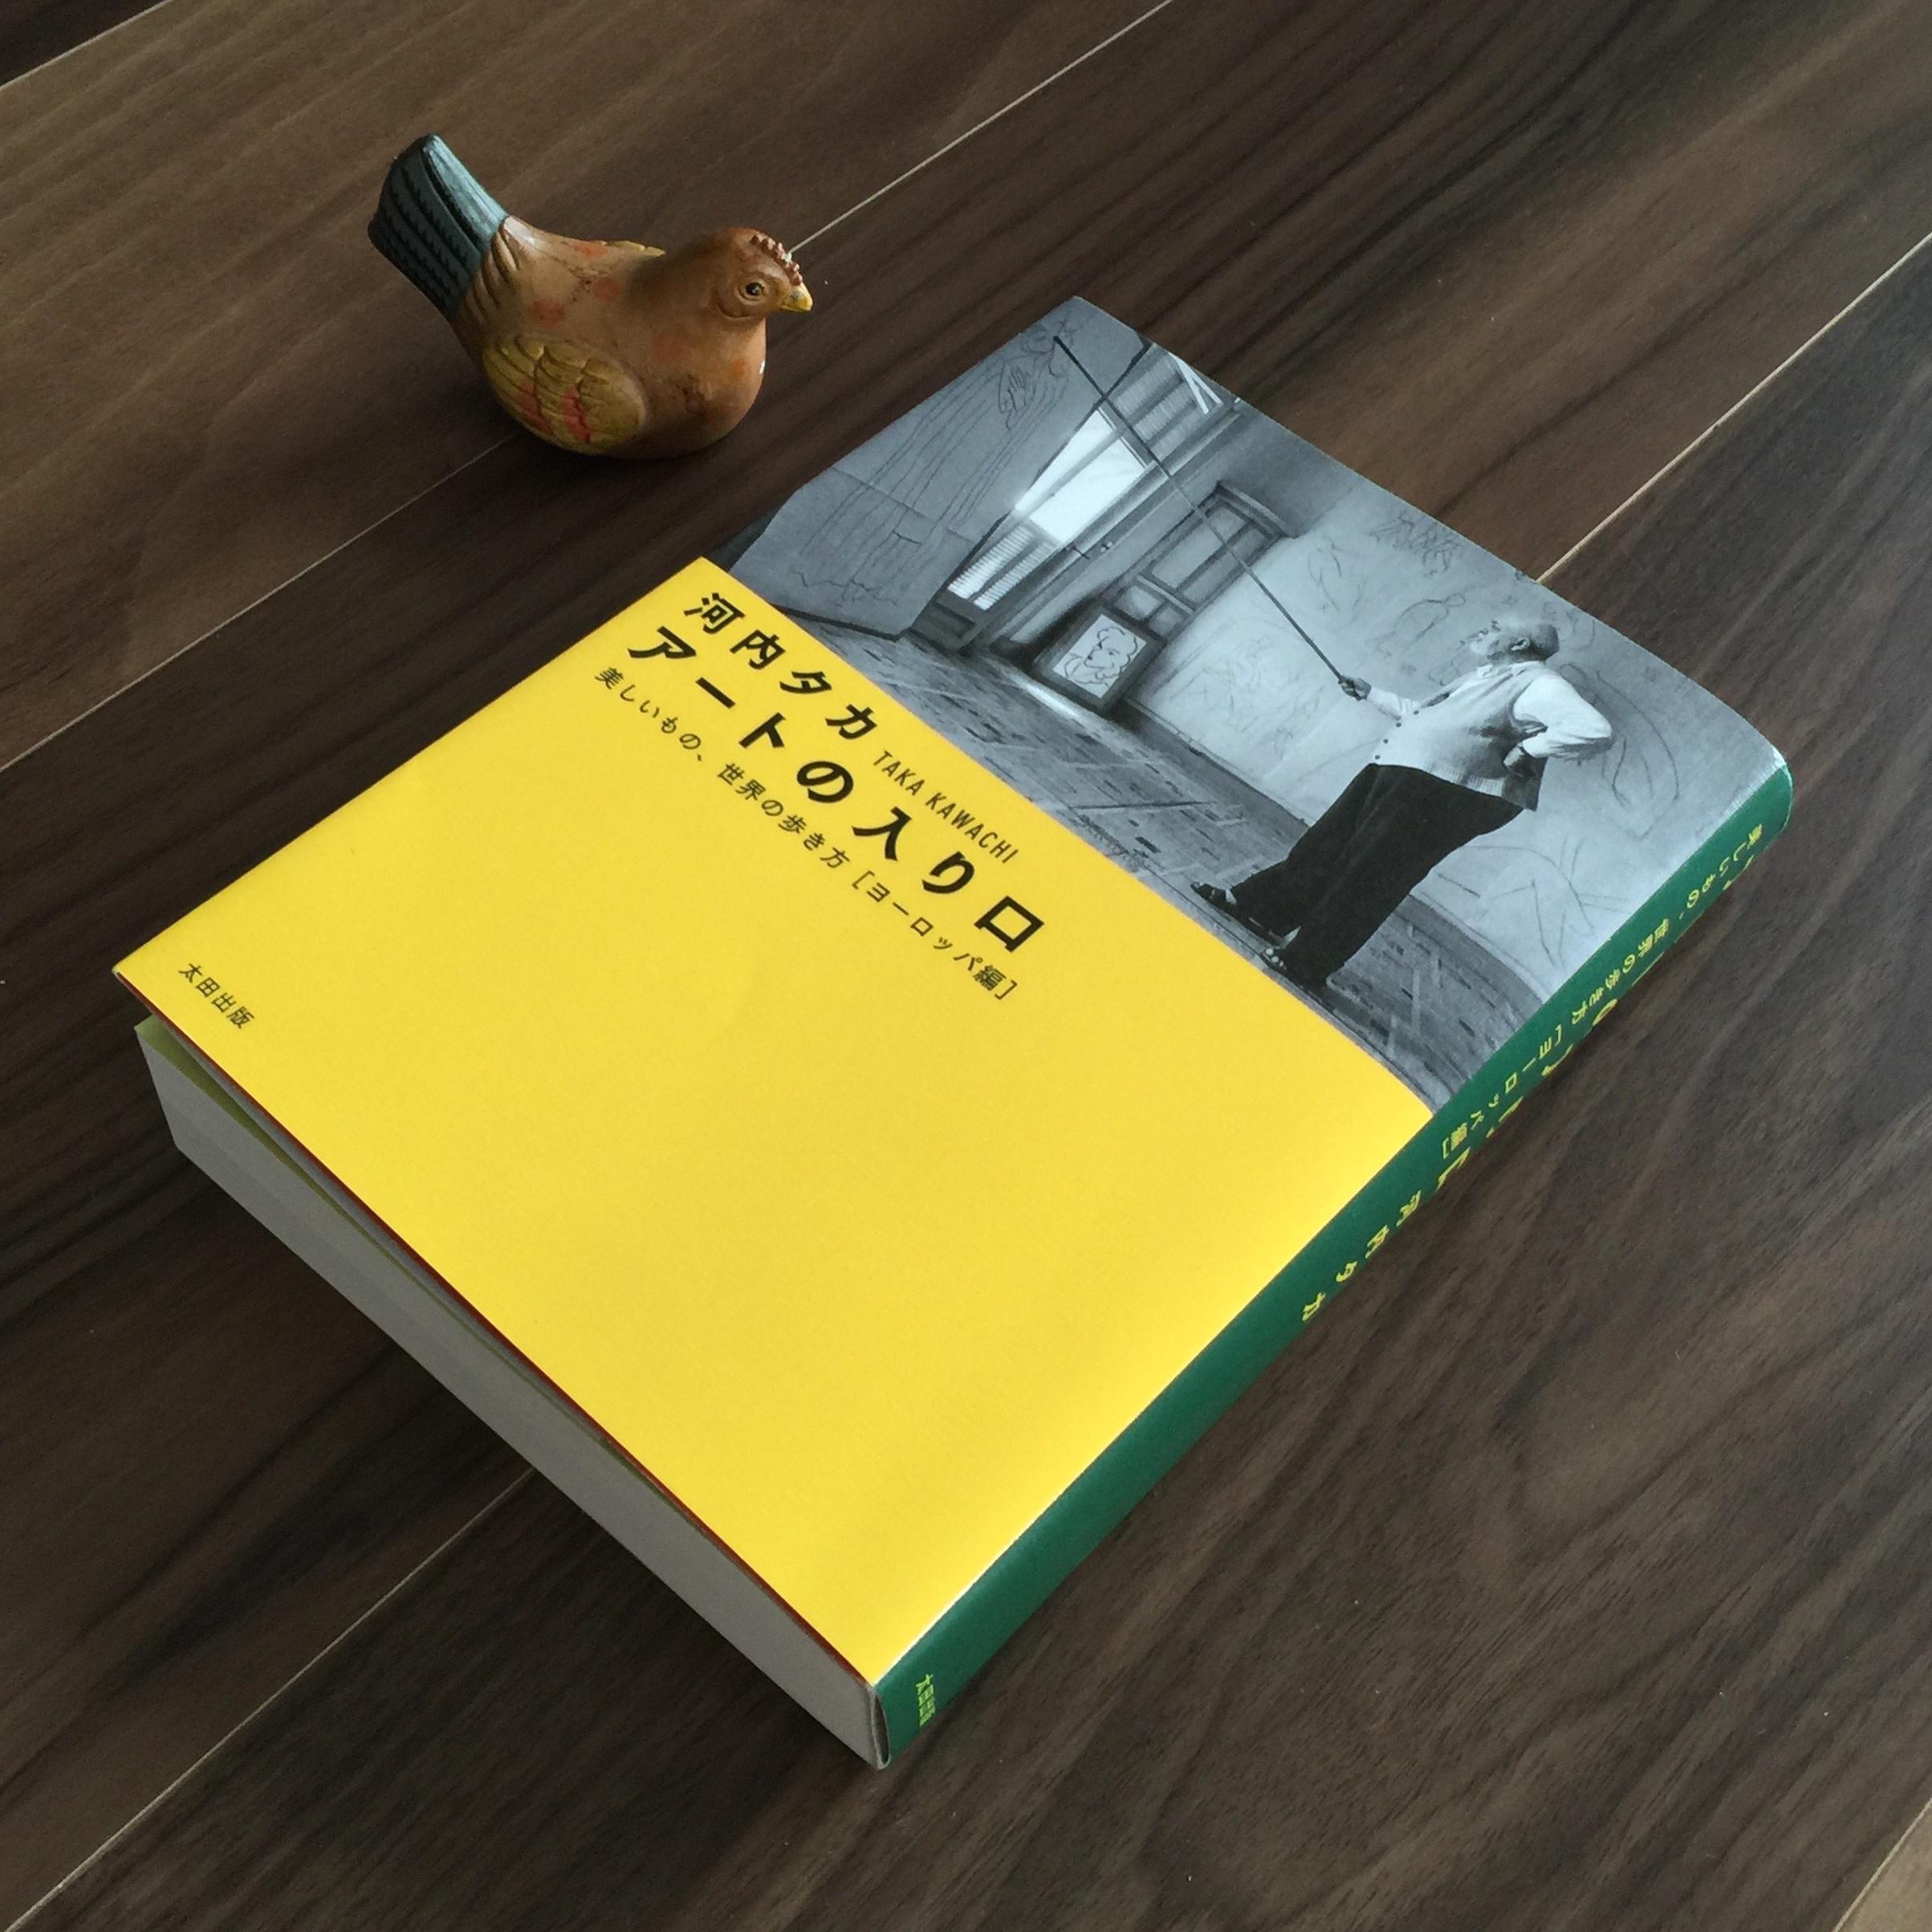 河内タカ『アートの入り口──美しいもの、世界の歩き方[ヨーロッパ編]』(太田出版) 出版刊行記念トーク